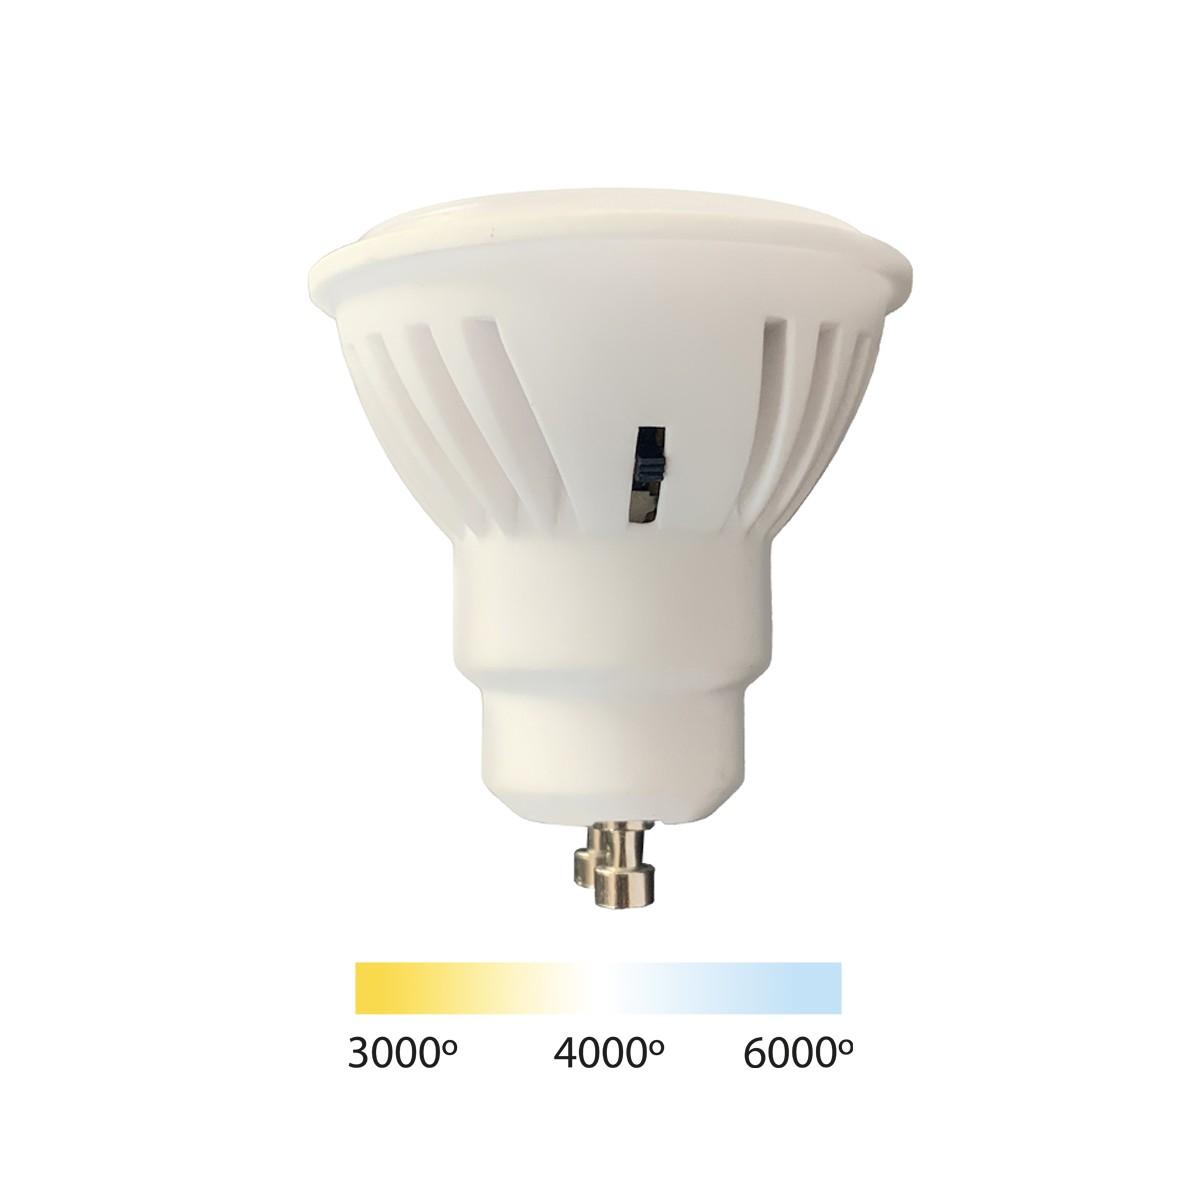 GU10 8.2W CCT bulb with switch